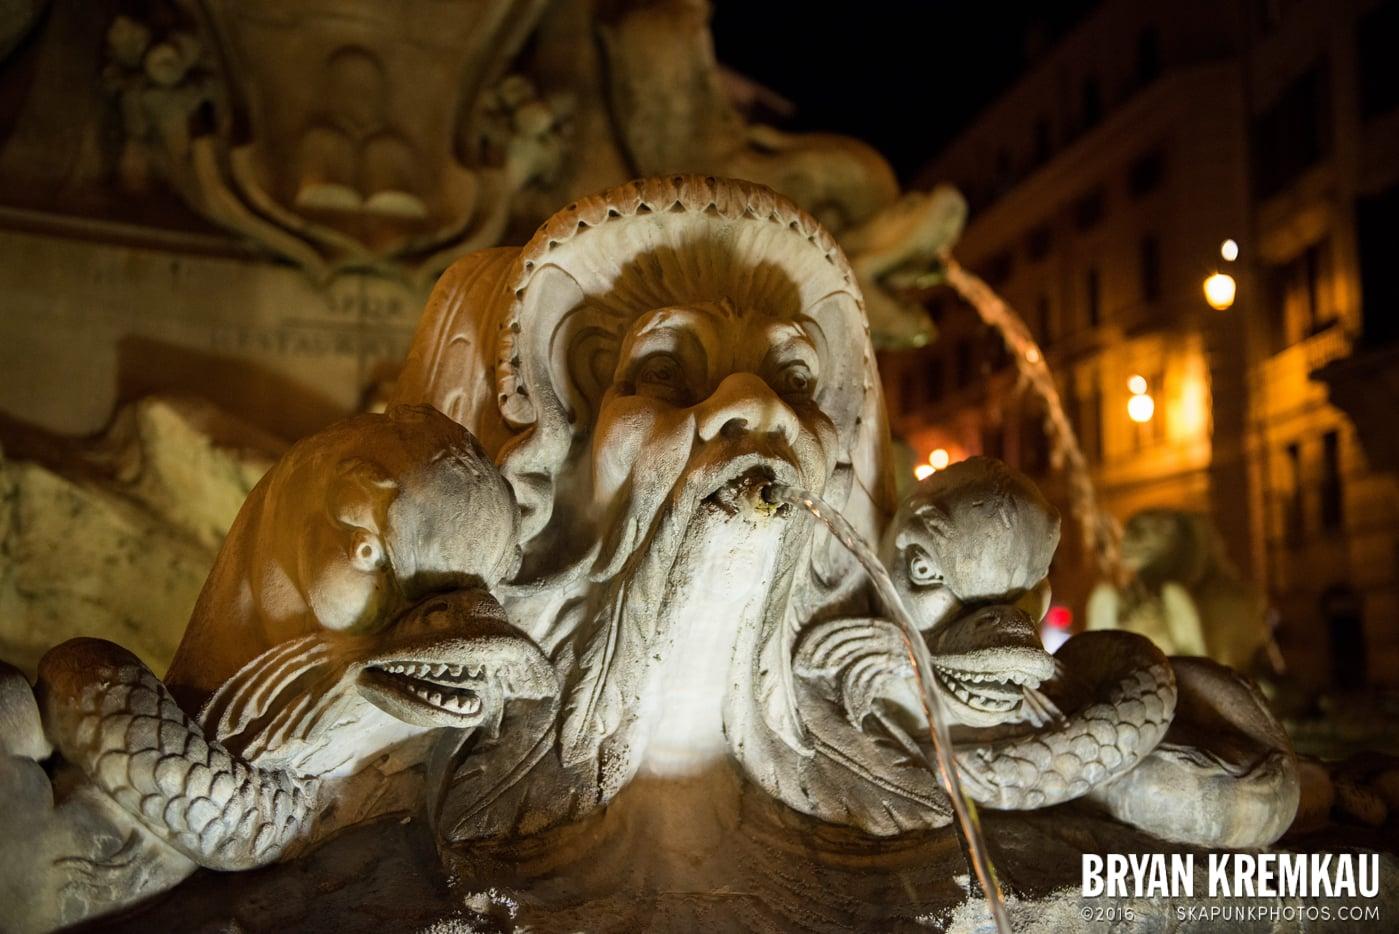 Italy Vacation - Day 1: Rome - 9.9.13 (4)